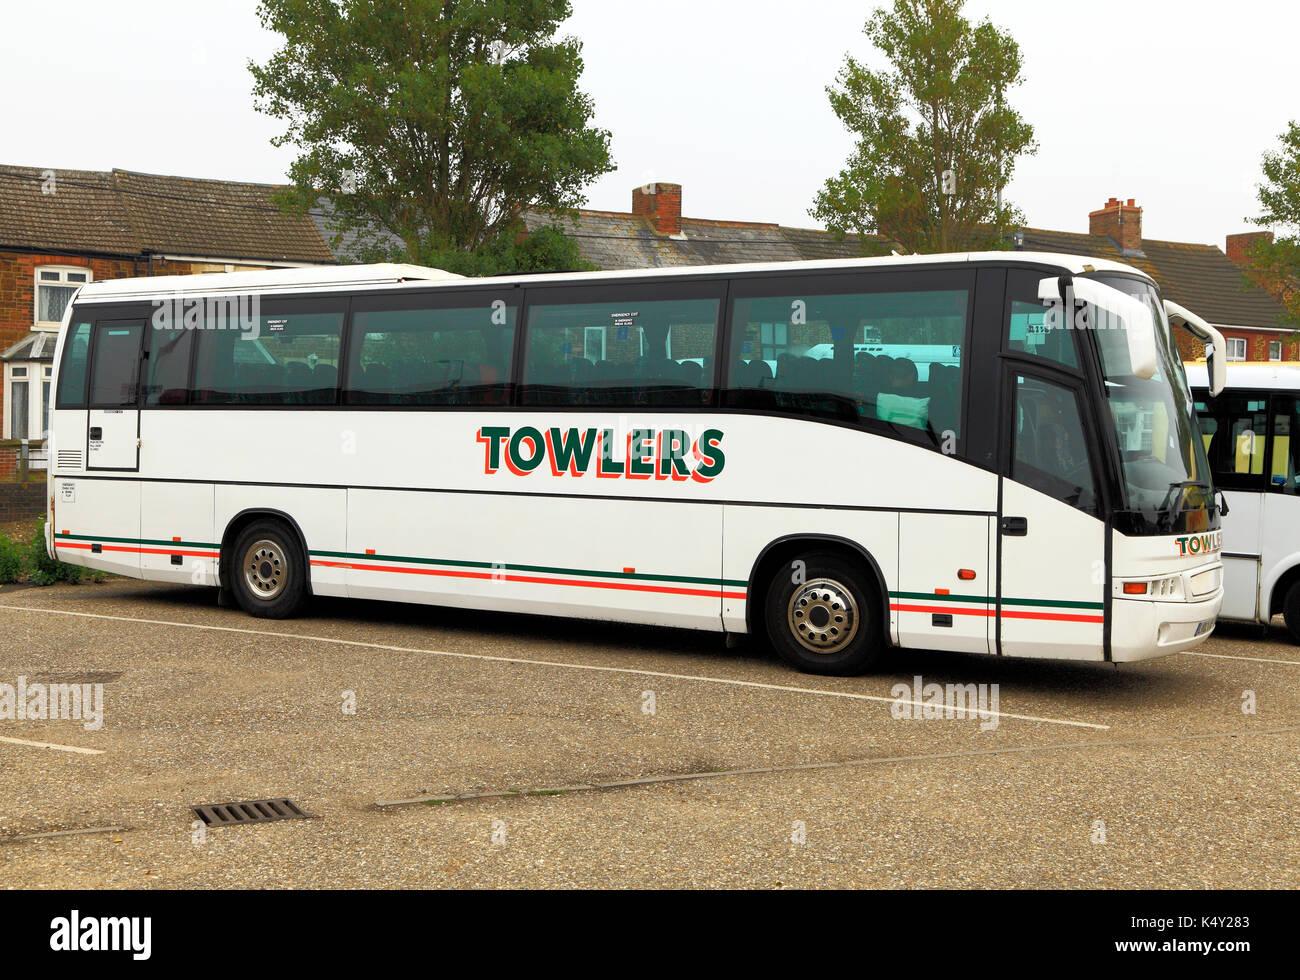 Les entraîneurs Towlers, autocar, excursions, voyage, excursion, excursions, voyages, vacances, jours fériés, entreprises, voyages, transports, bus, England, UK Photo Stock